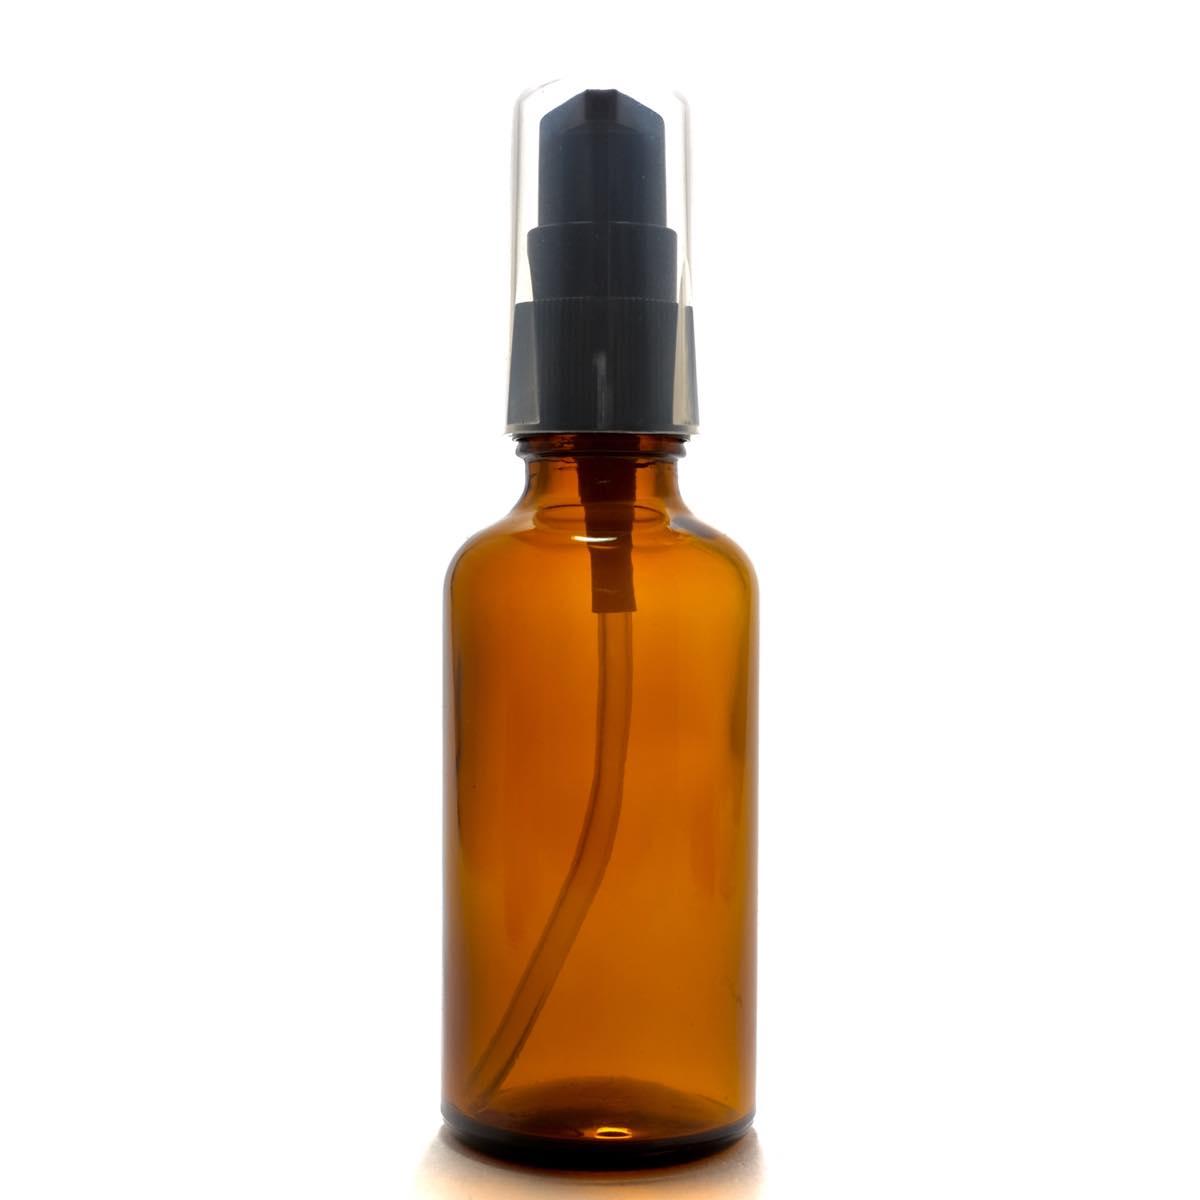 便利なポンプヘッド 春の新作 アロマ遮光瓶 50mL 特価 アンバー ポンプ:ブラック